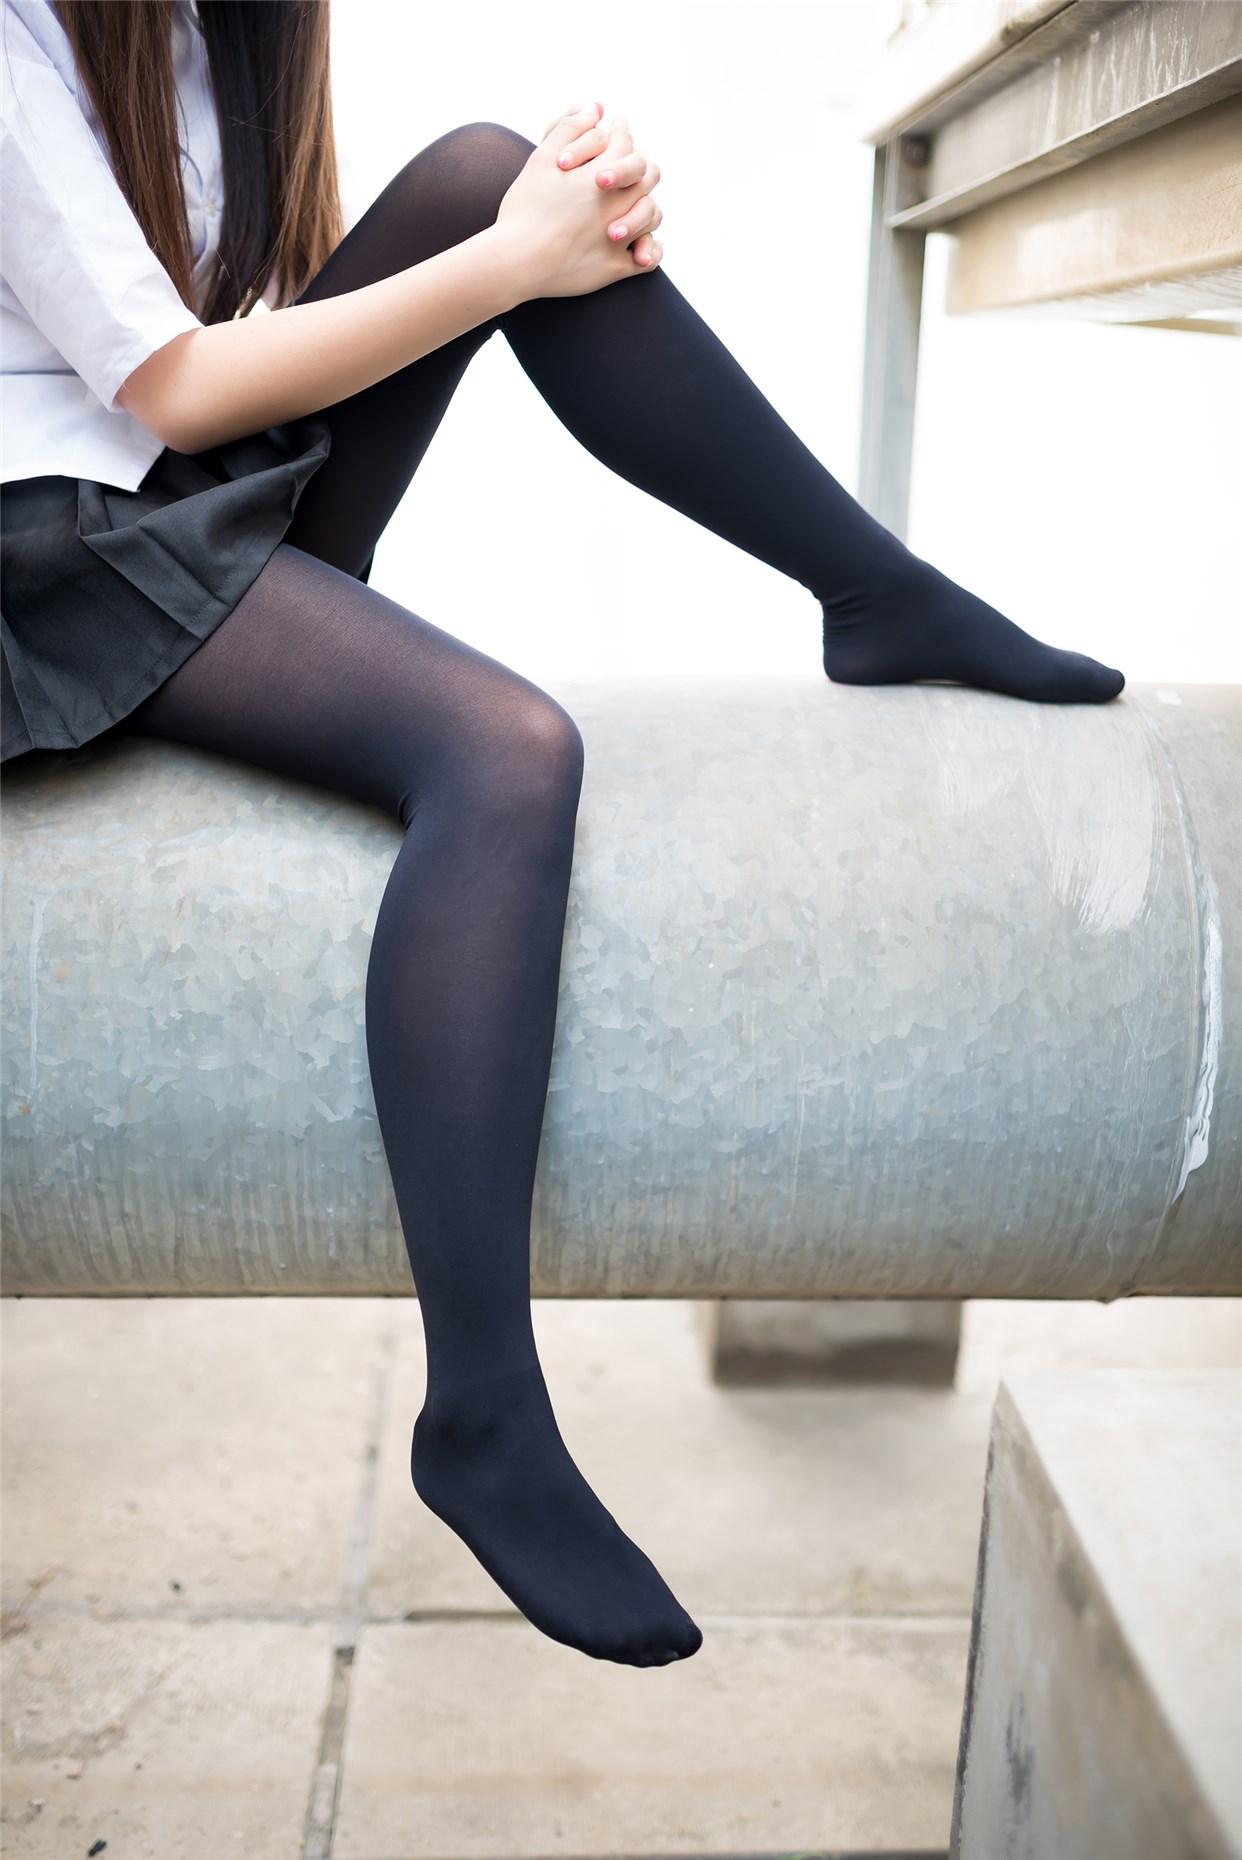 【兔玩映画】纯黑你喜欢吗? 兔玩映画 第32张